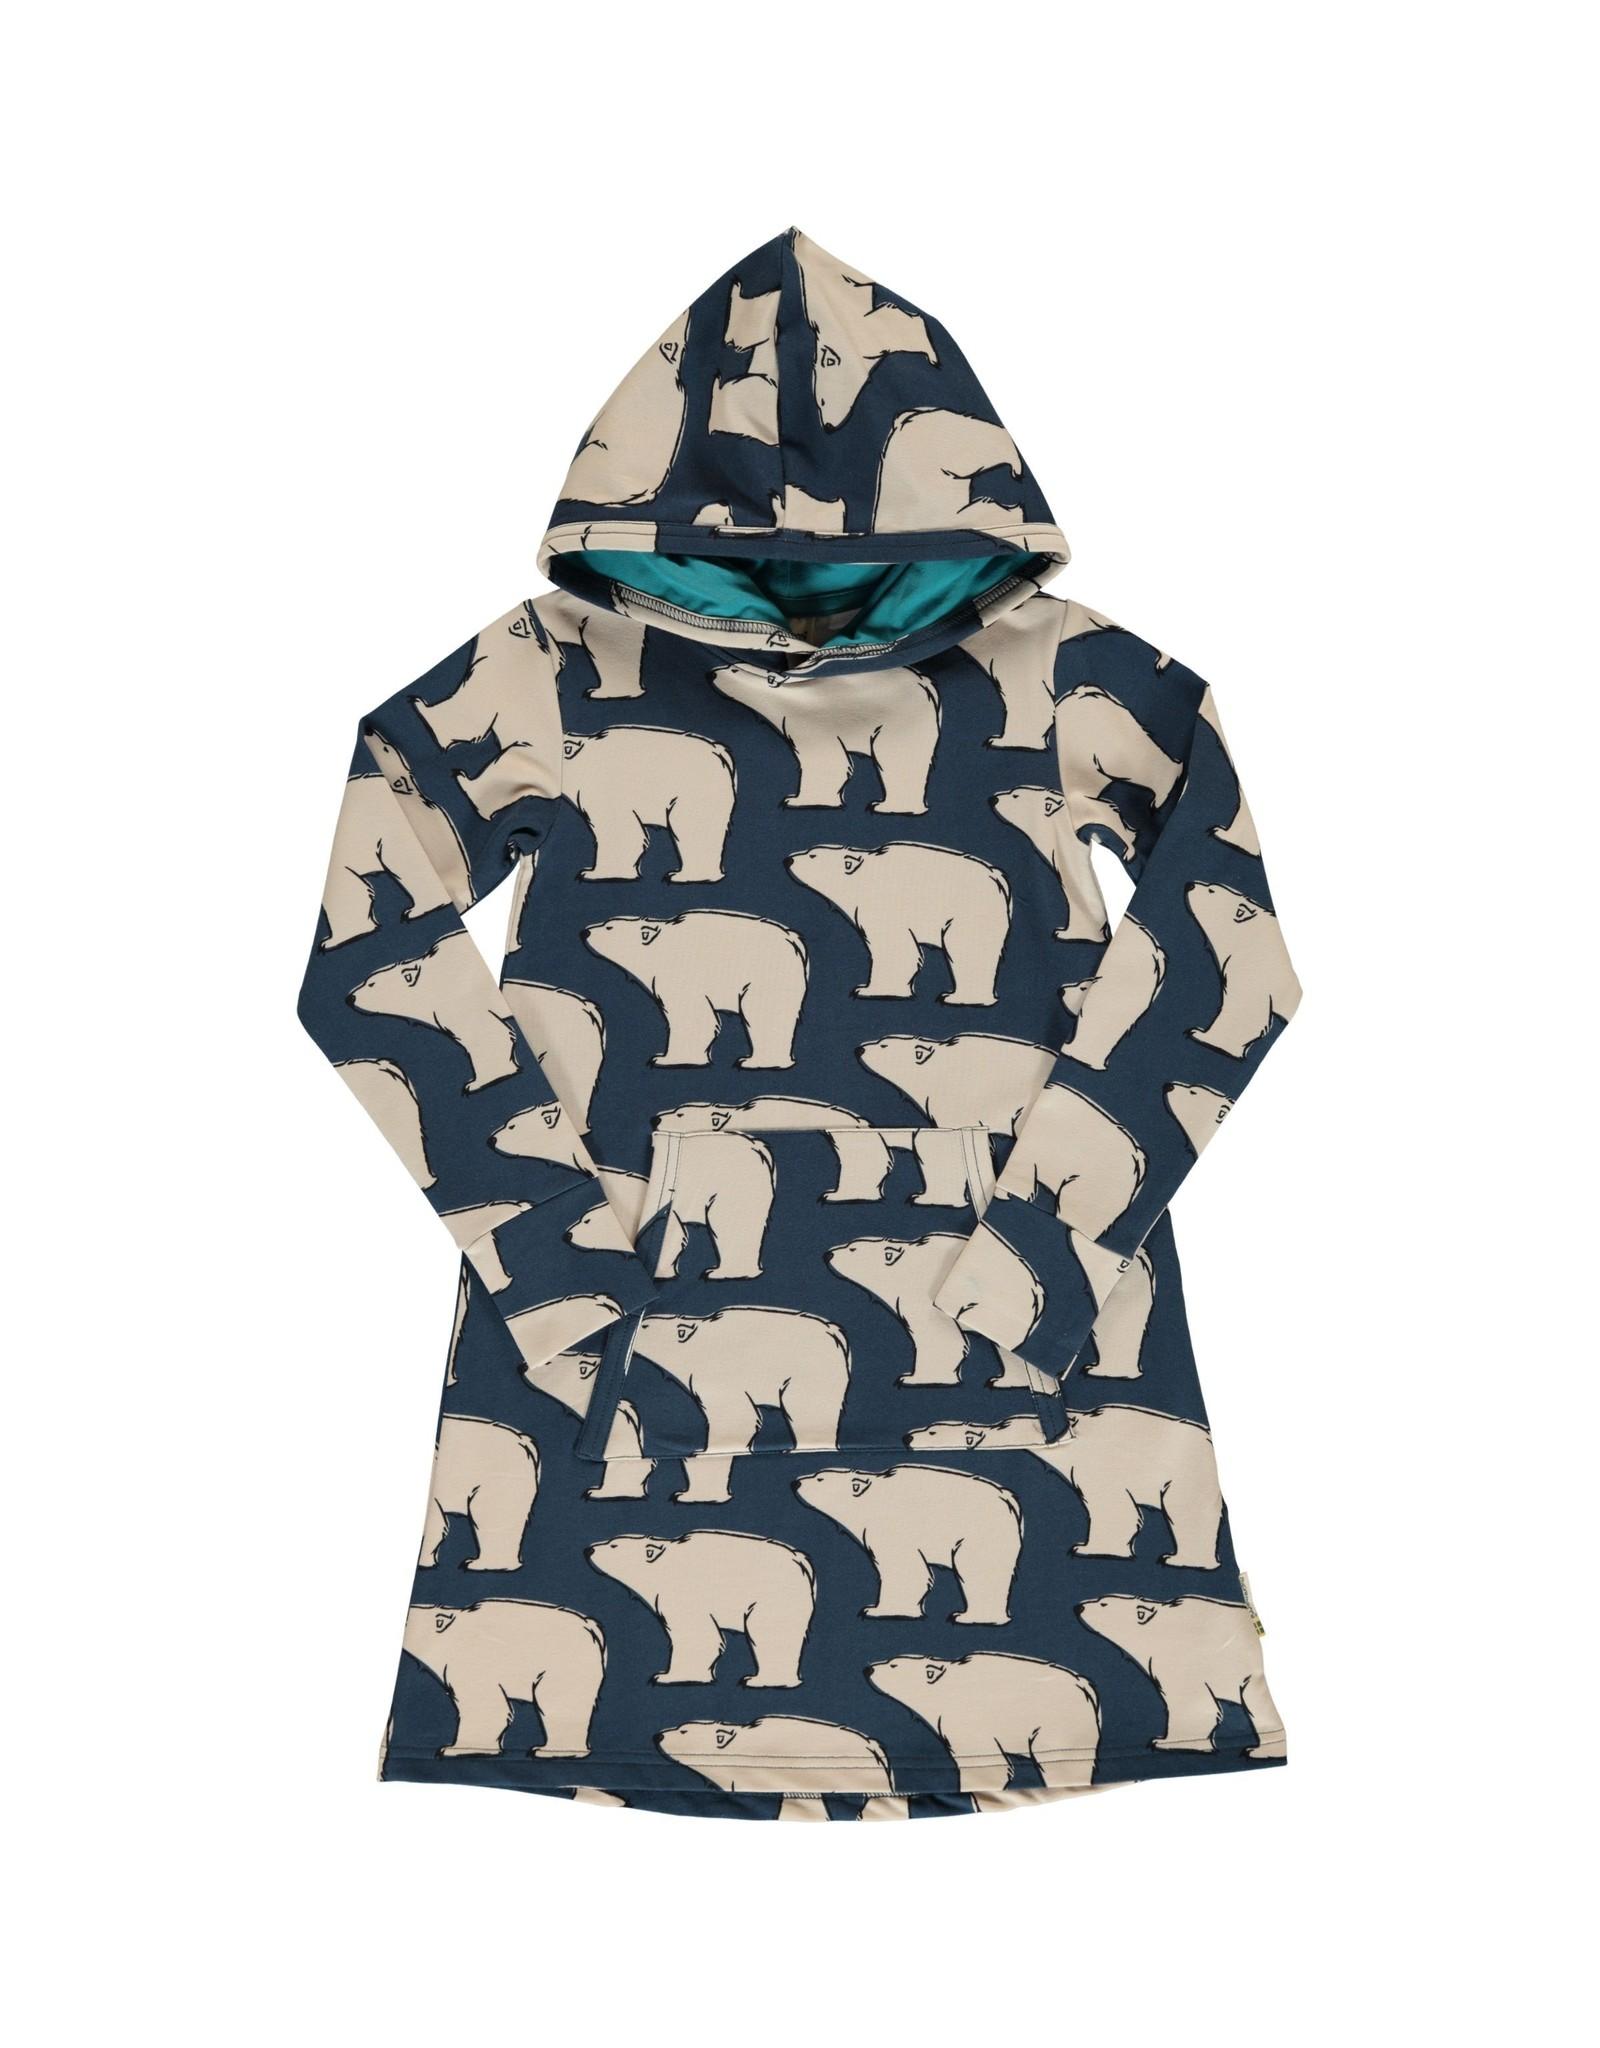 Maxomorra Hoodie kleedje met ijsberen - LAATSTE MAAT 86/92